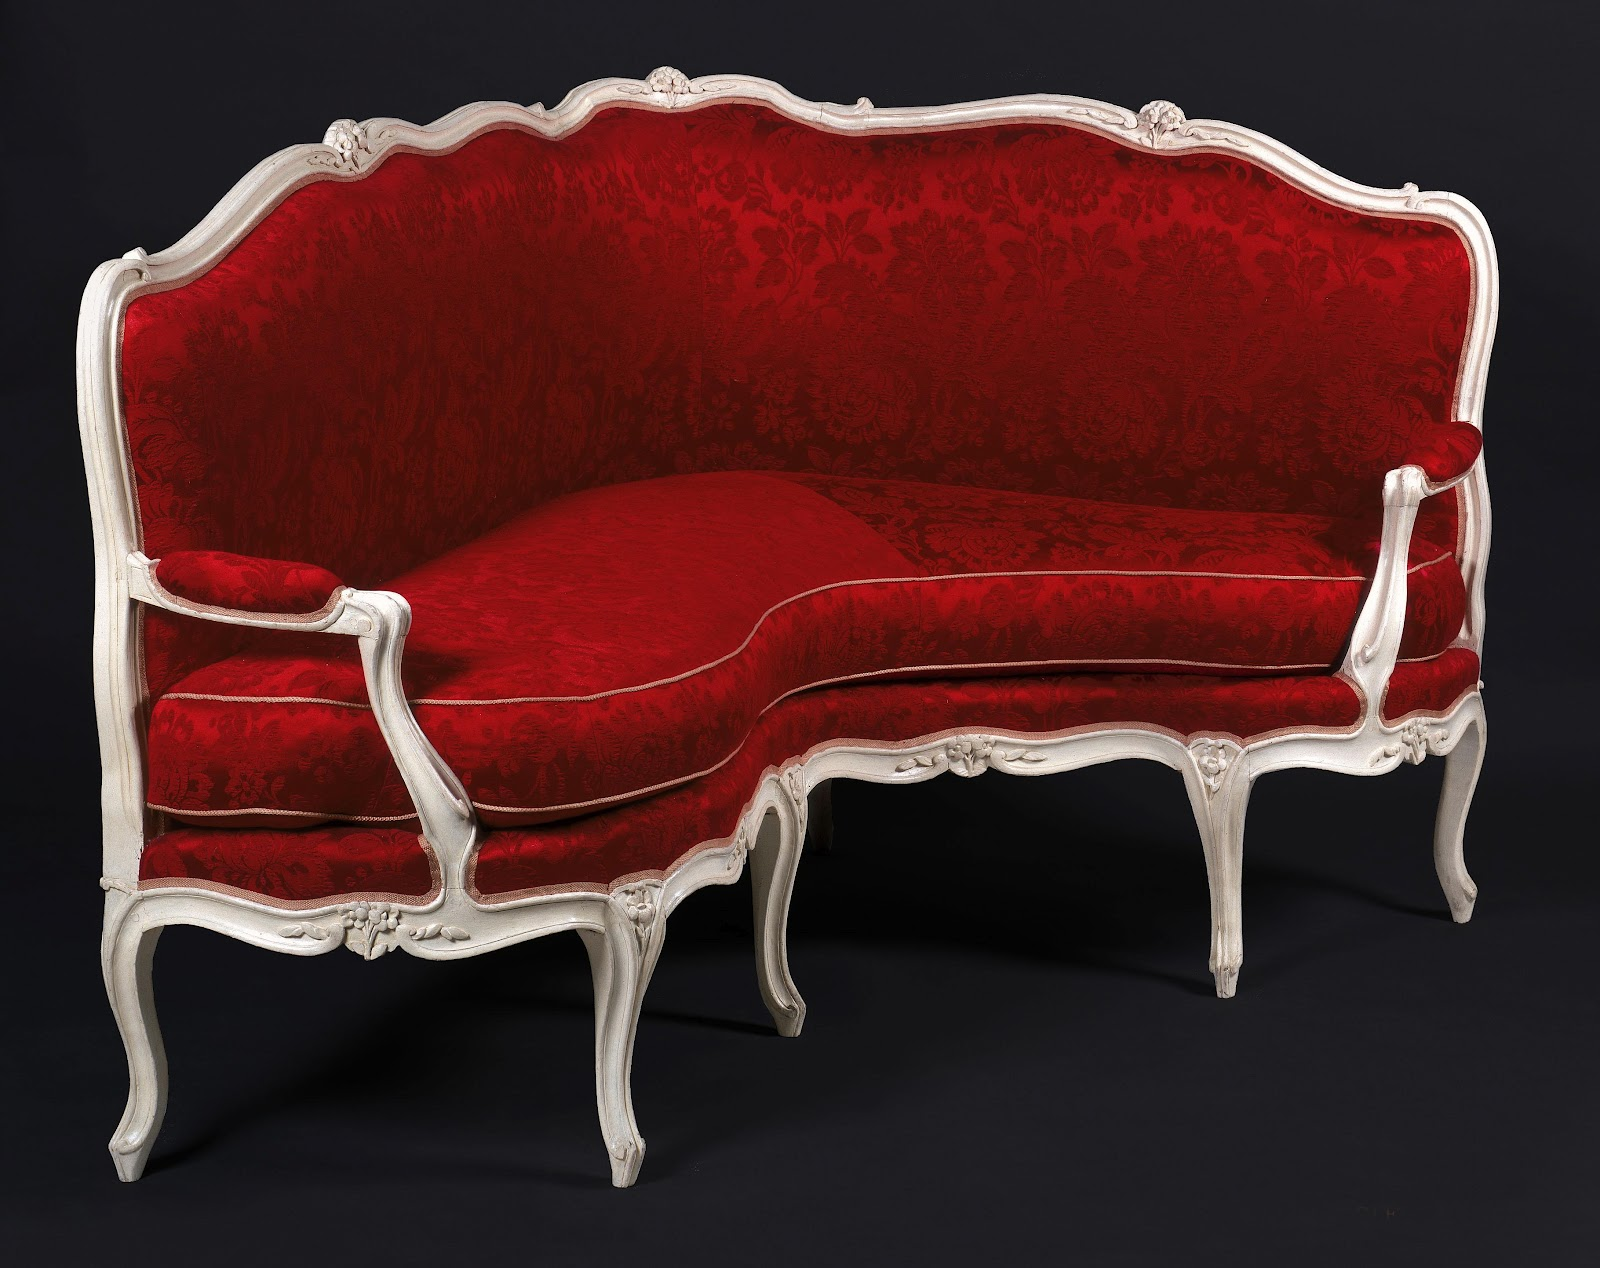 Muebles y decoraci n de interiores muebles estilo luis xv for Muebles luis 15